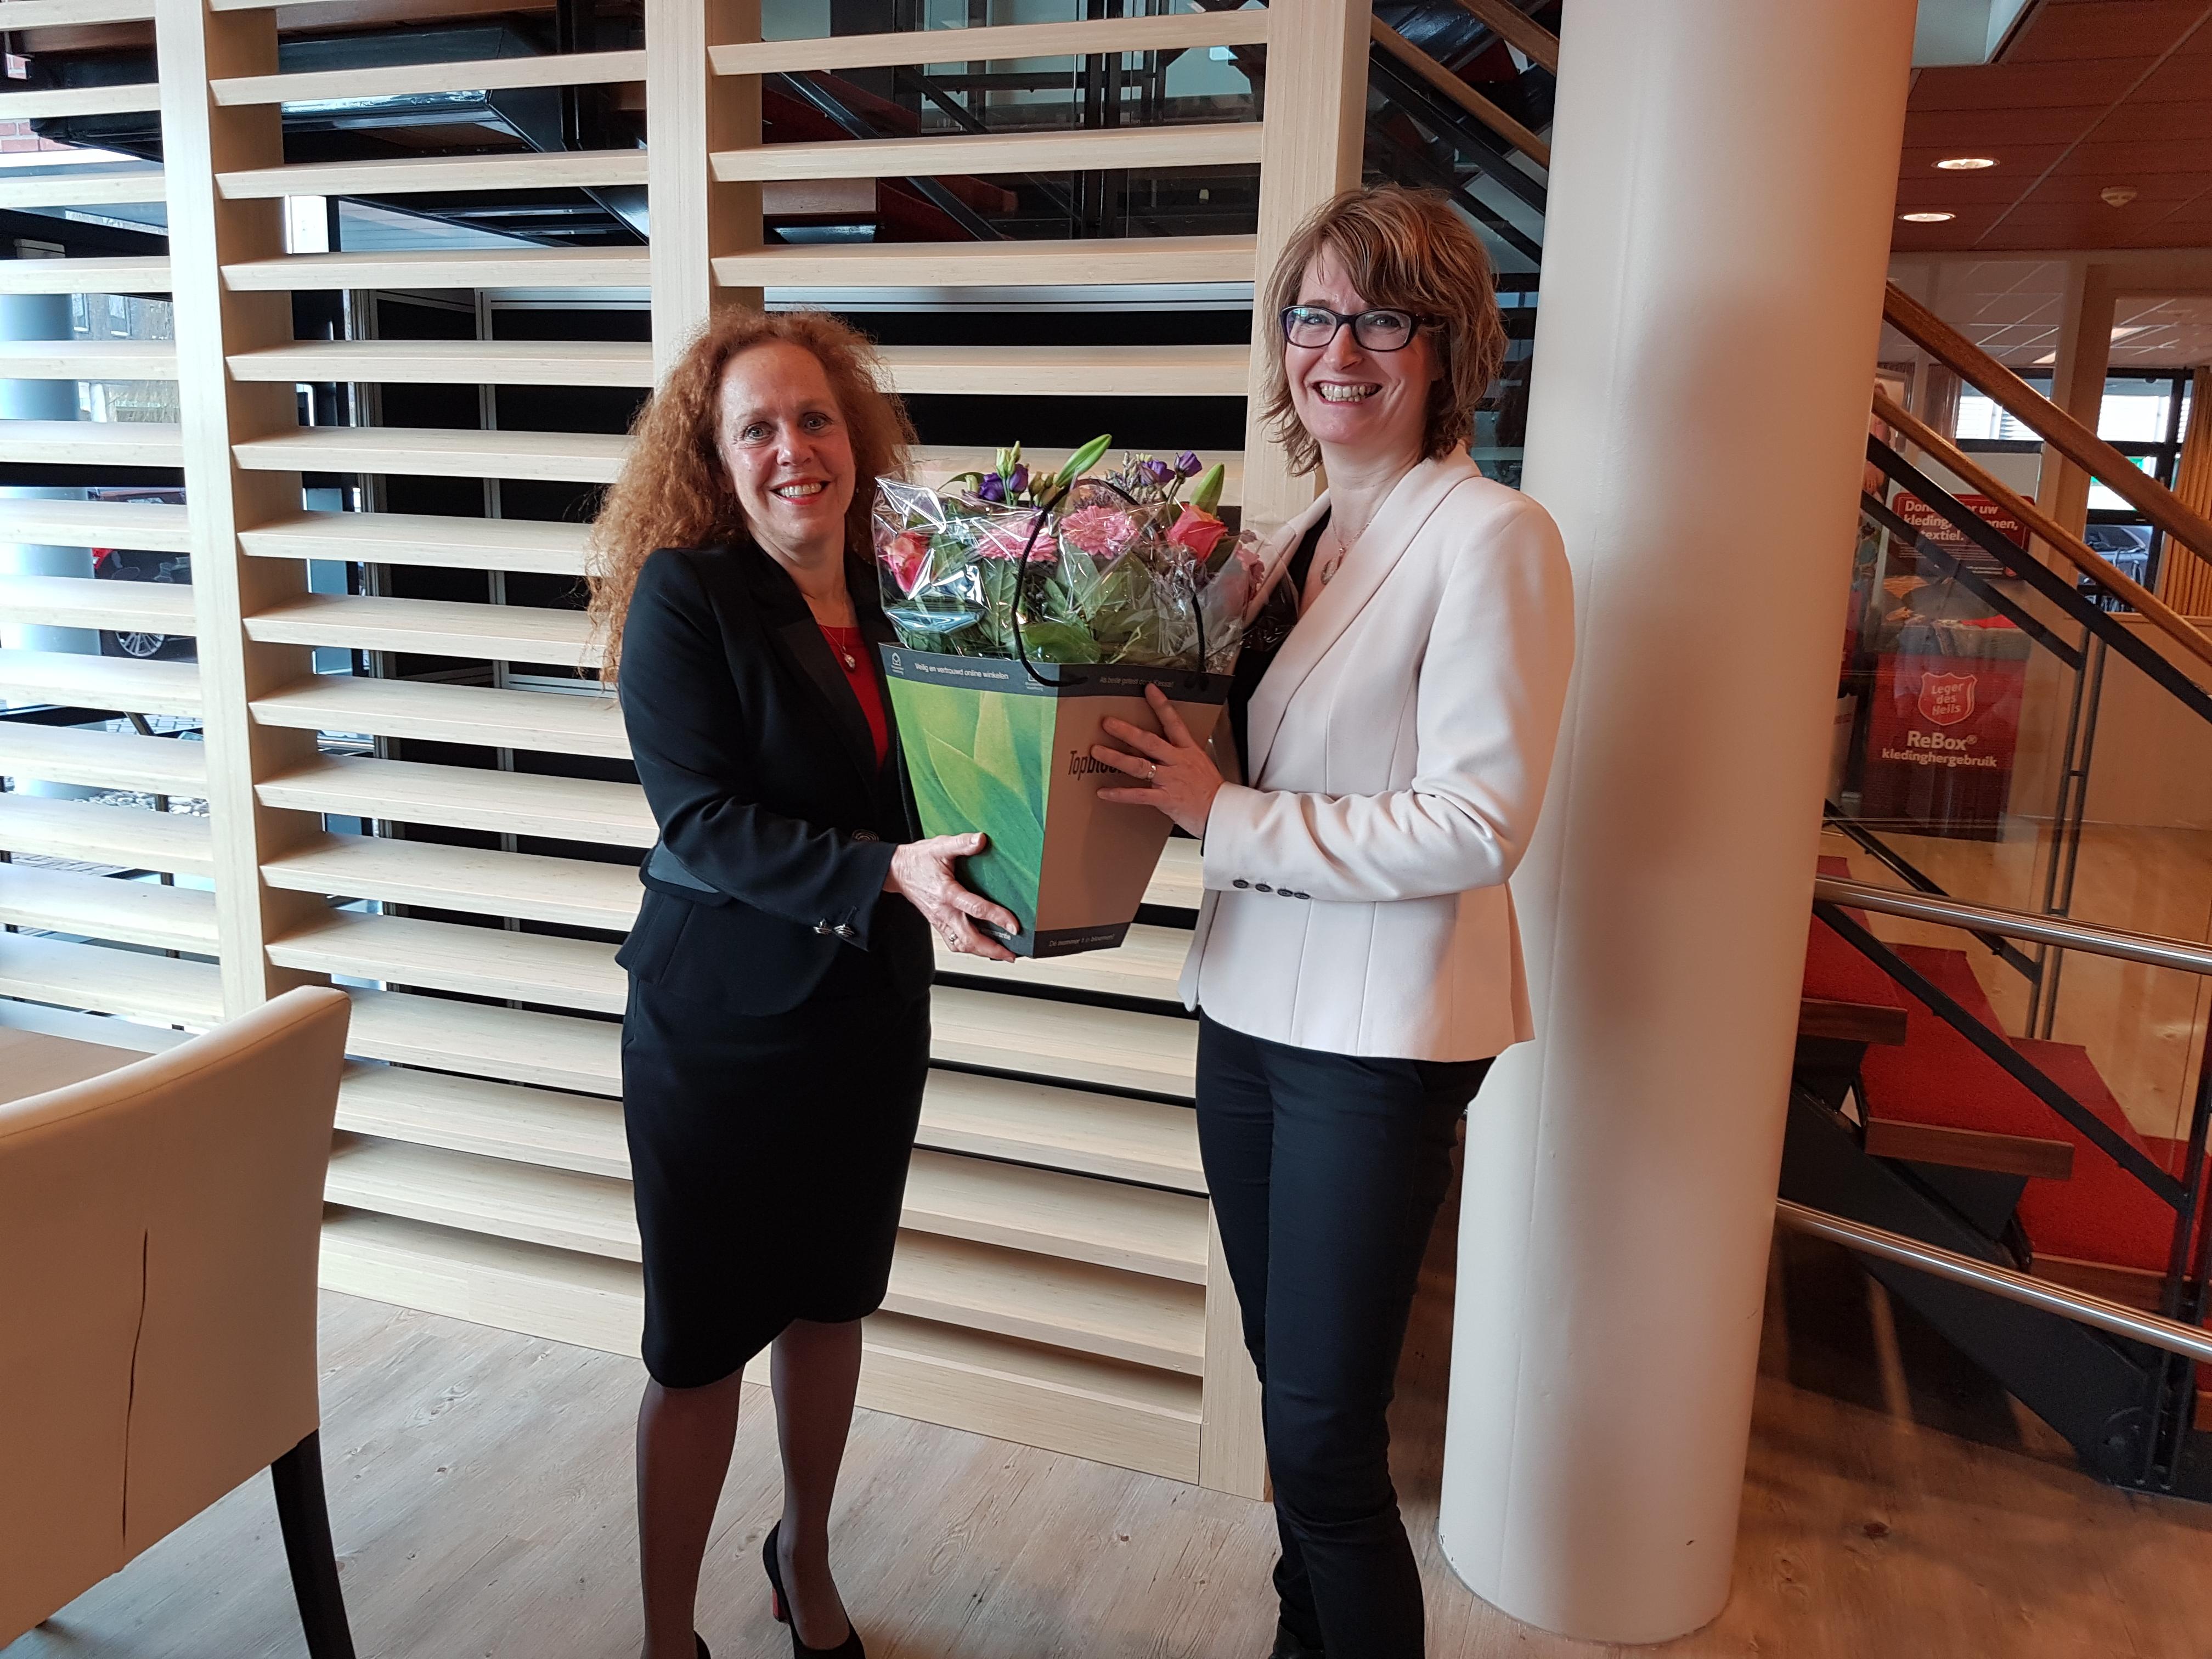 Nieuwe franchisenemer Marlies Schoneveld wordt verwelkomd door Sabrina Franken, directeur Uitvaartzorg. Bron: FranchiseFormules.NL